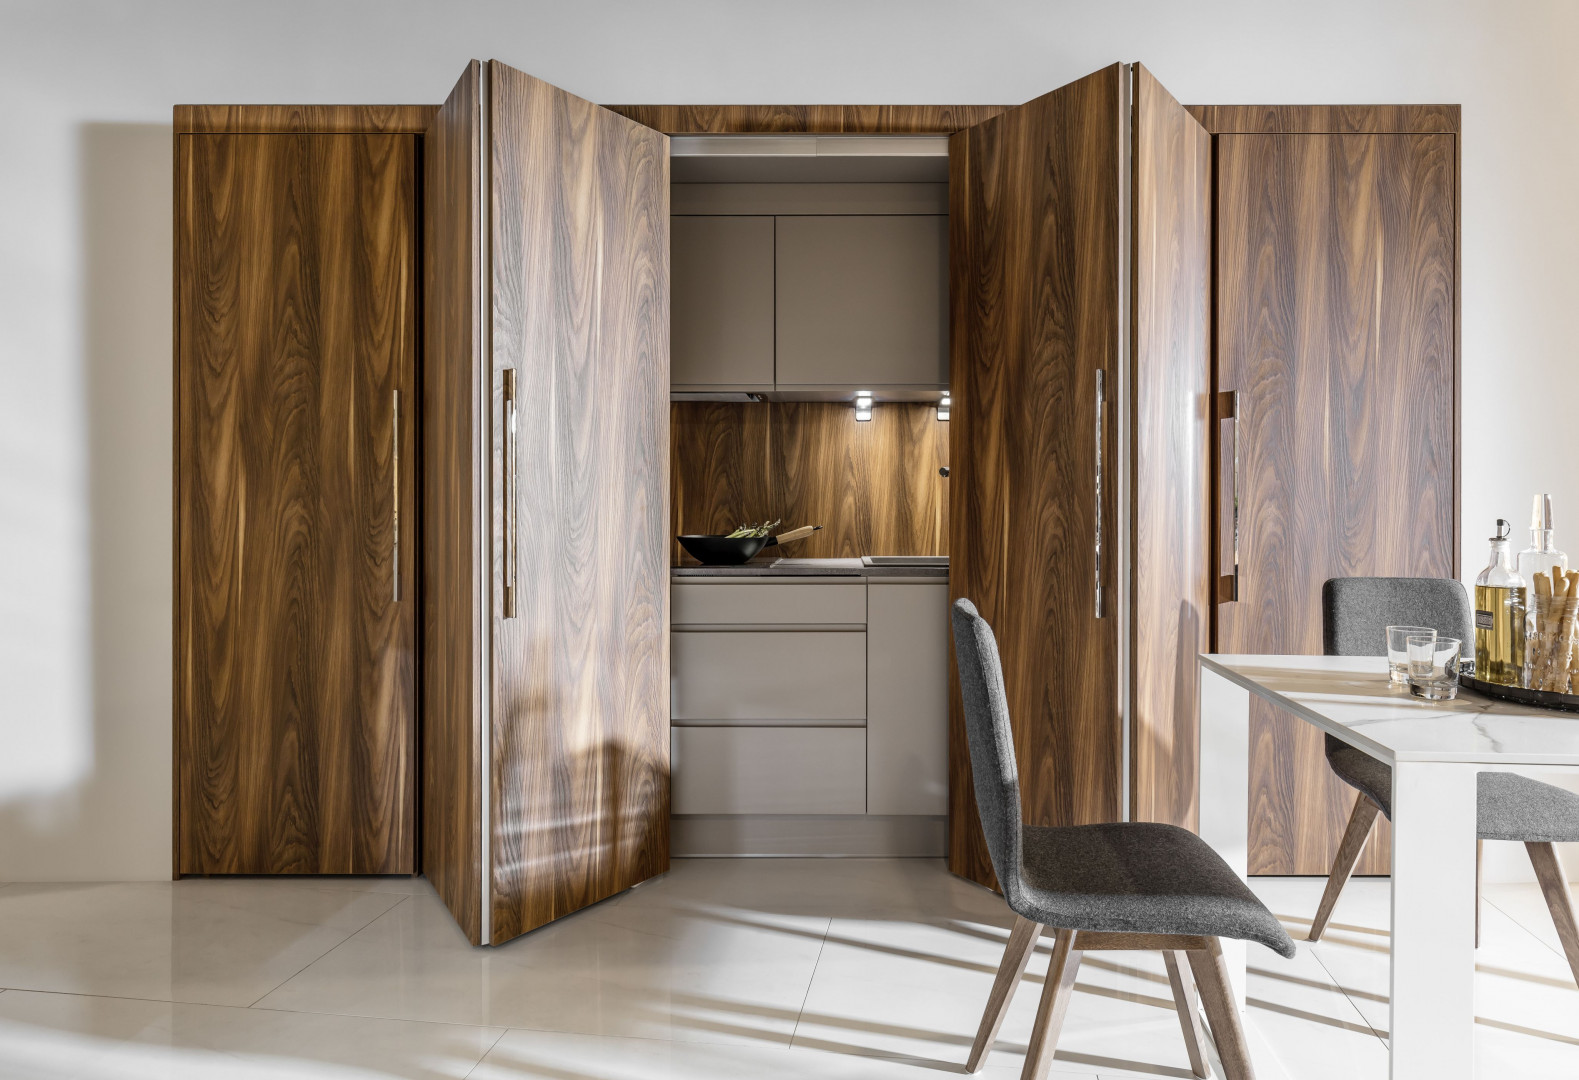 Dzięki specjalnym systemom drzwi skutecznie ukryjemy bałagan, który zwykle towarzyszy kuchennej krzątaninie. Fot. Peka